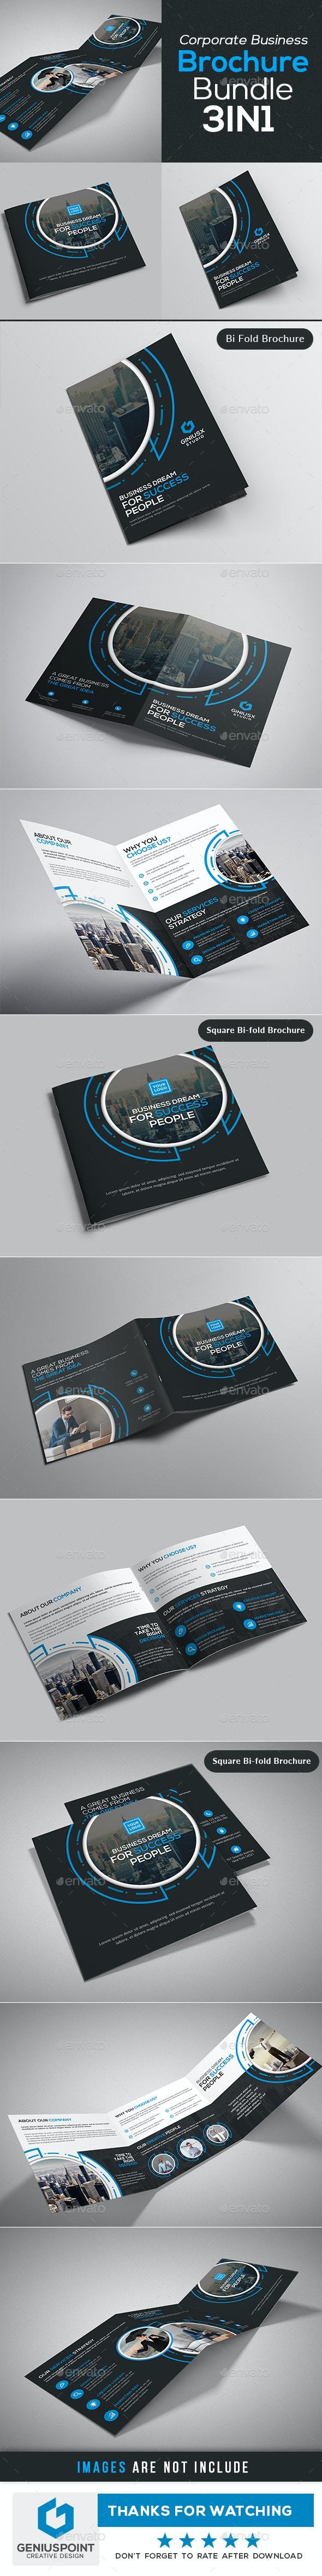 3in1 Corporate Brochure Bundle - Brochures Print Templates